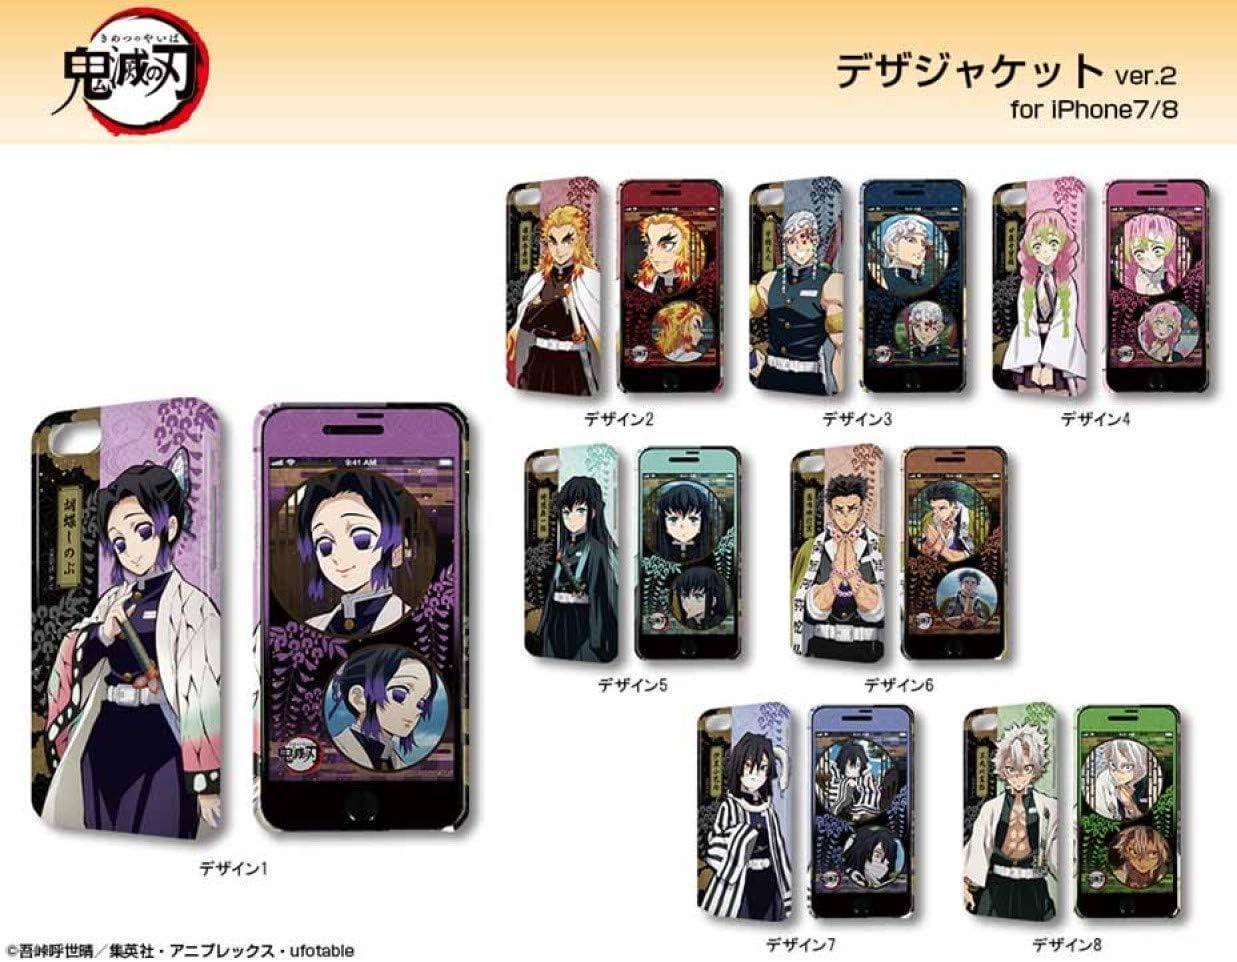 鬼滅の刃(きめつのやいば) iPhone 7/8ケース&保護シート Ver.2 デザイン01(胡蝶しのぶ)